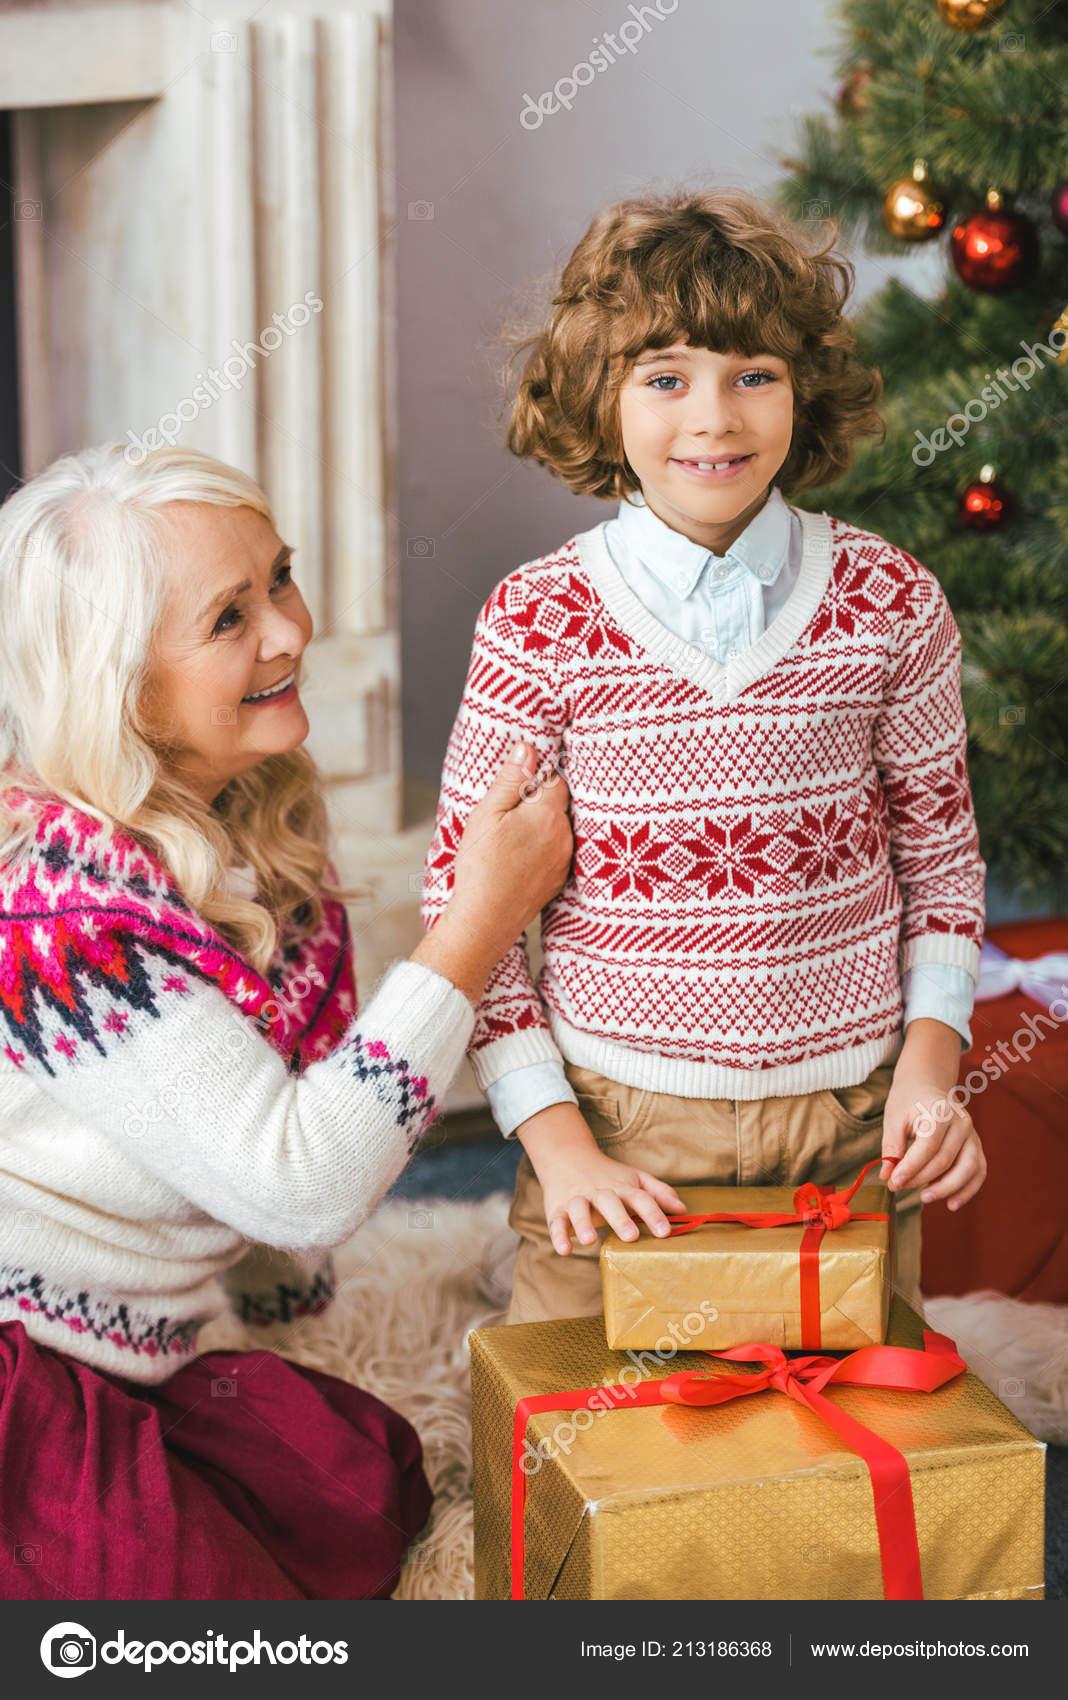 Regali Di Natale Per Le Nonne.Nonna Nipote Con Regali Natale Che Guarda Obbiettivo Foto Stock